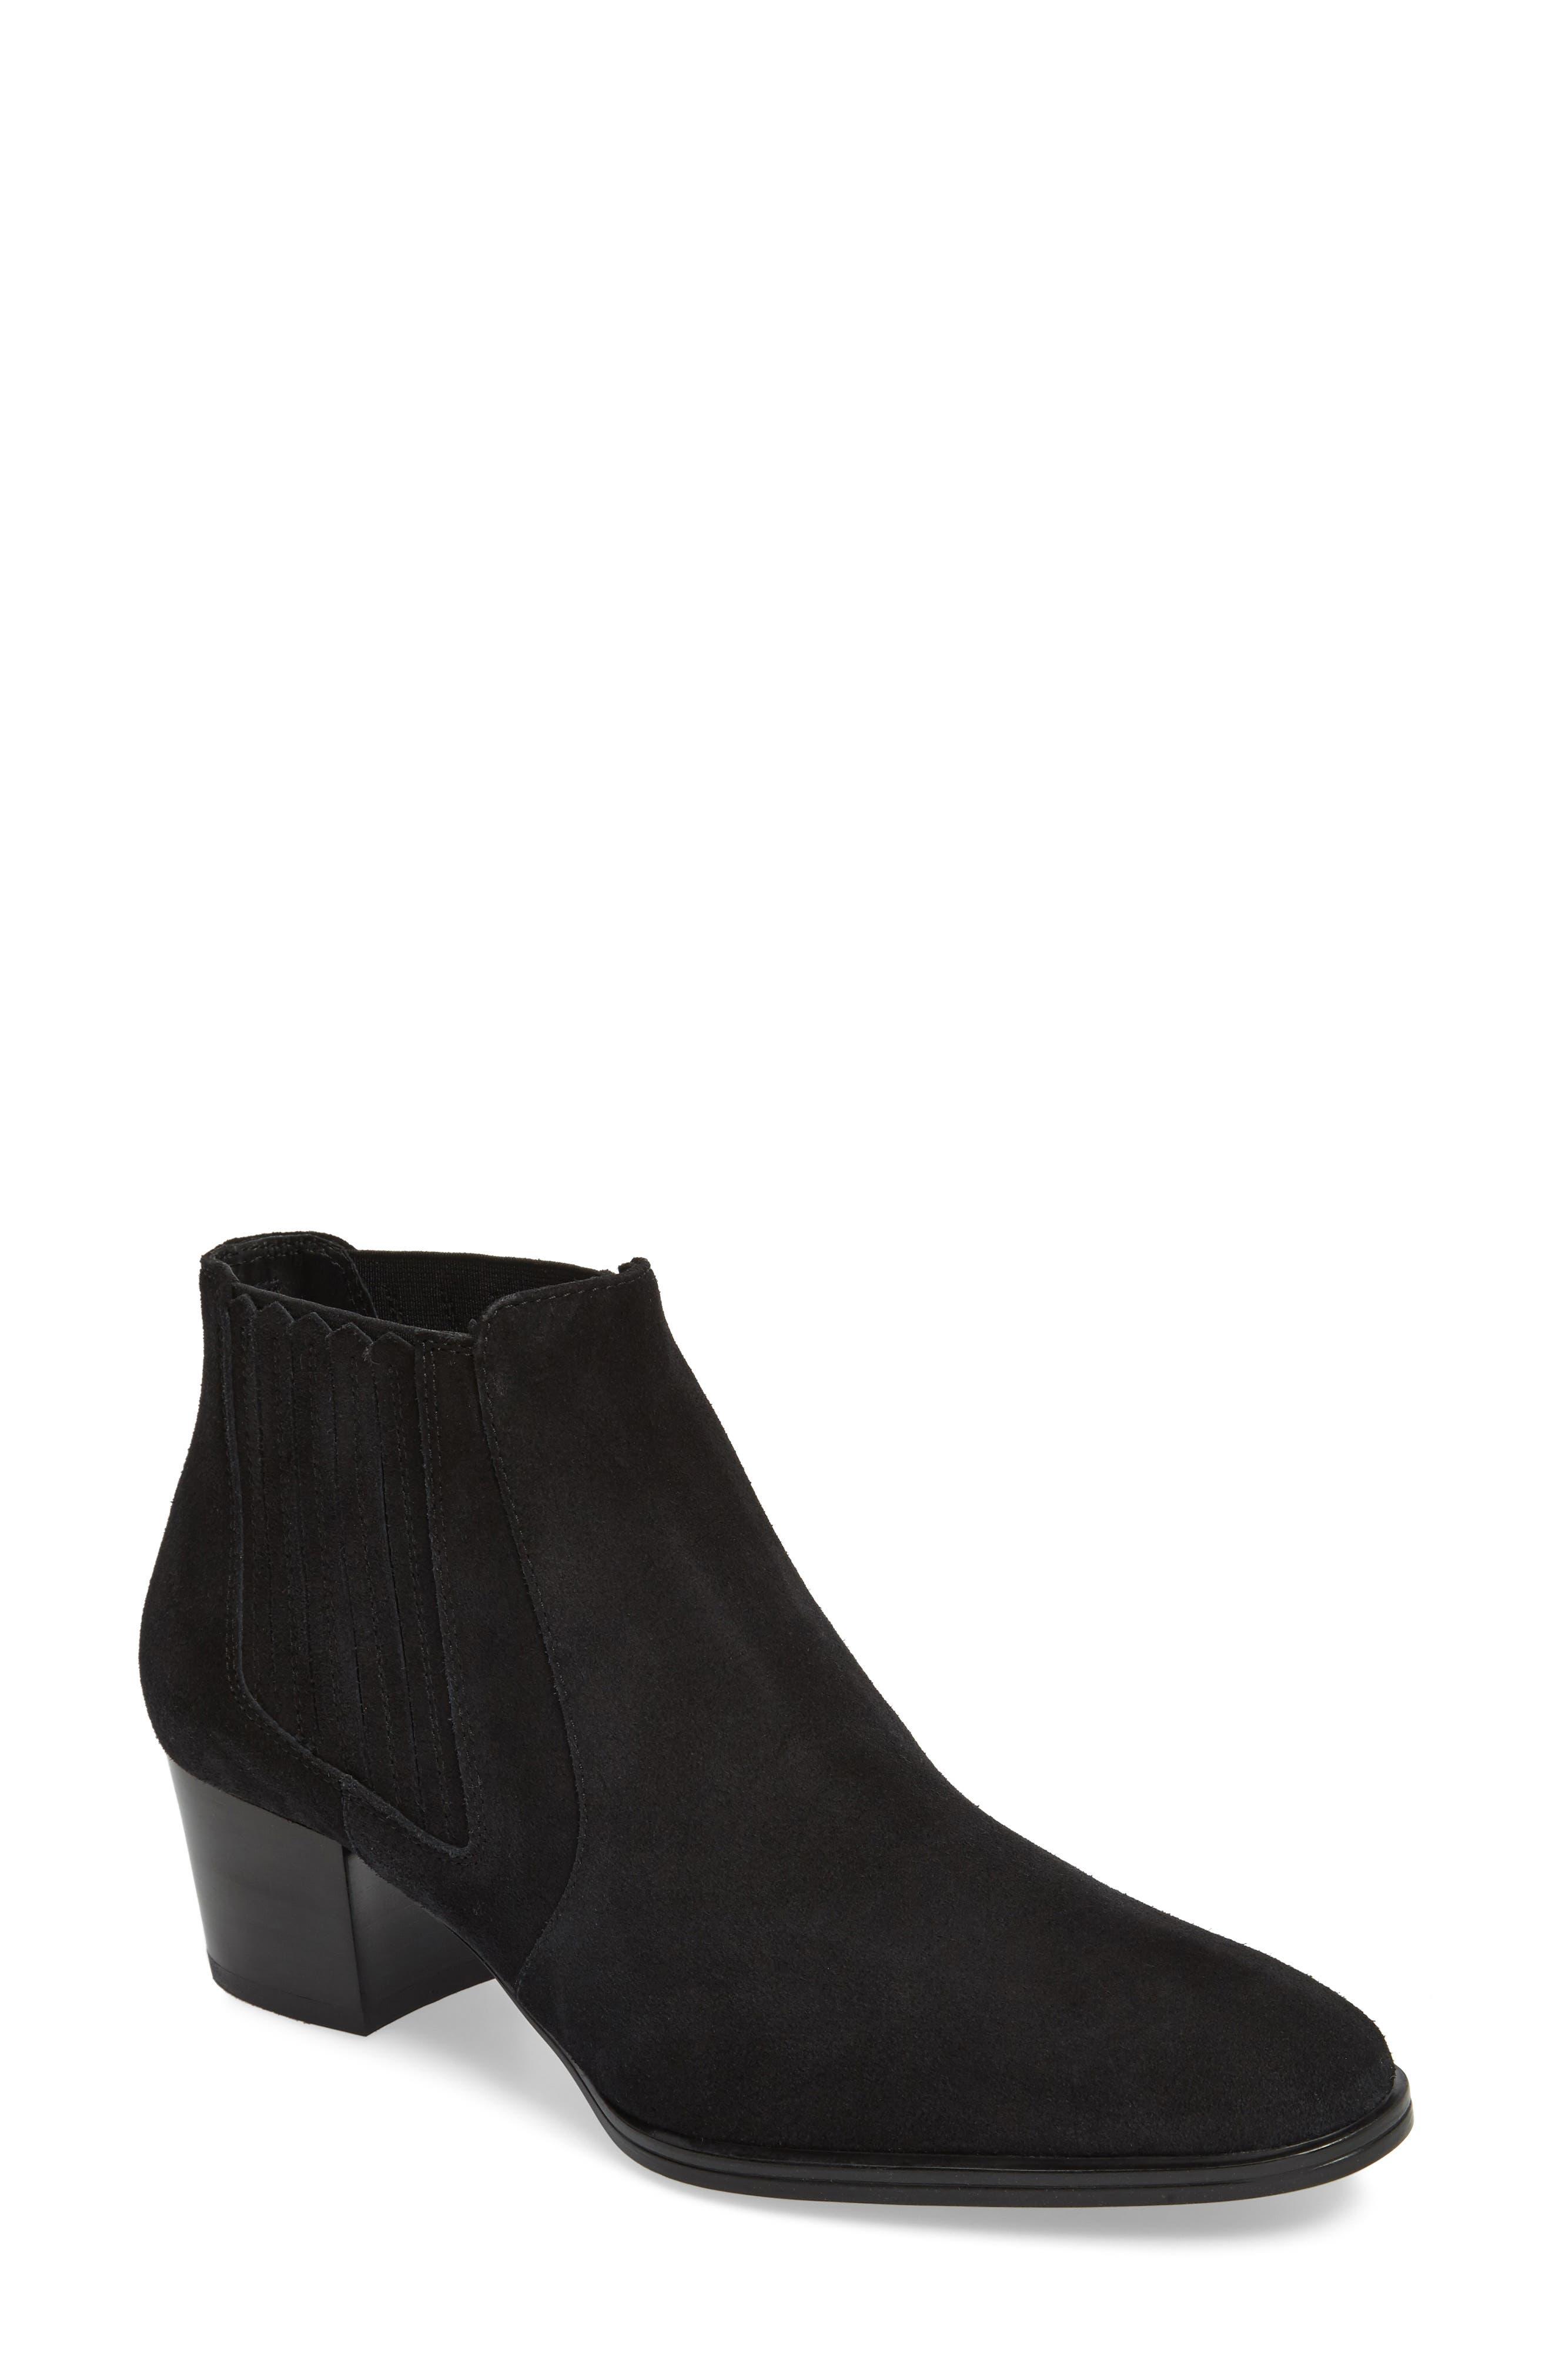 Tods Western Block Heel Chelsea Bootie,                         Main,                         color, Black